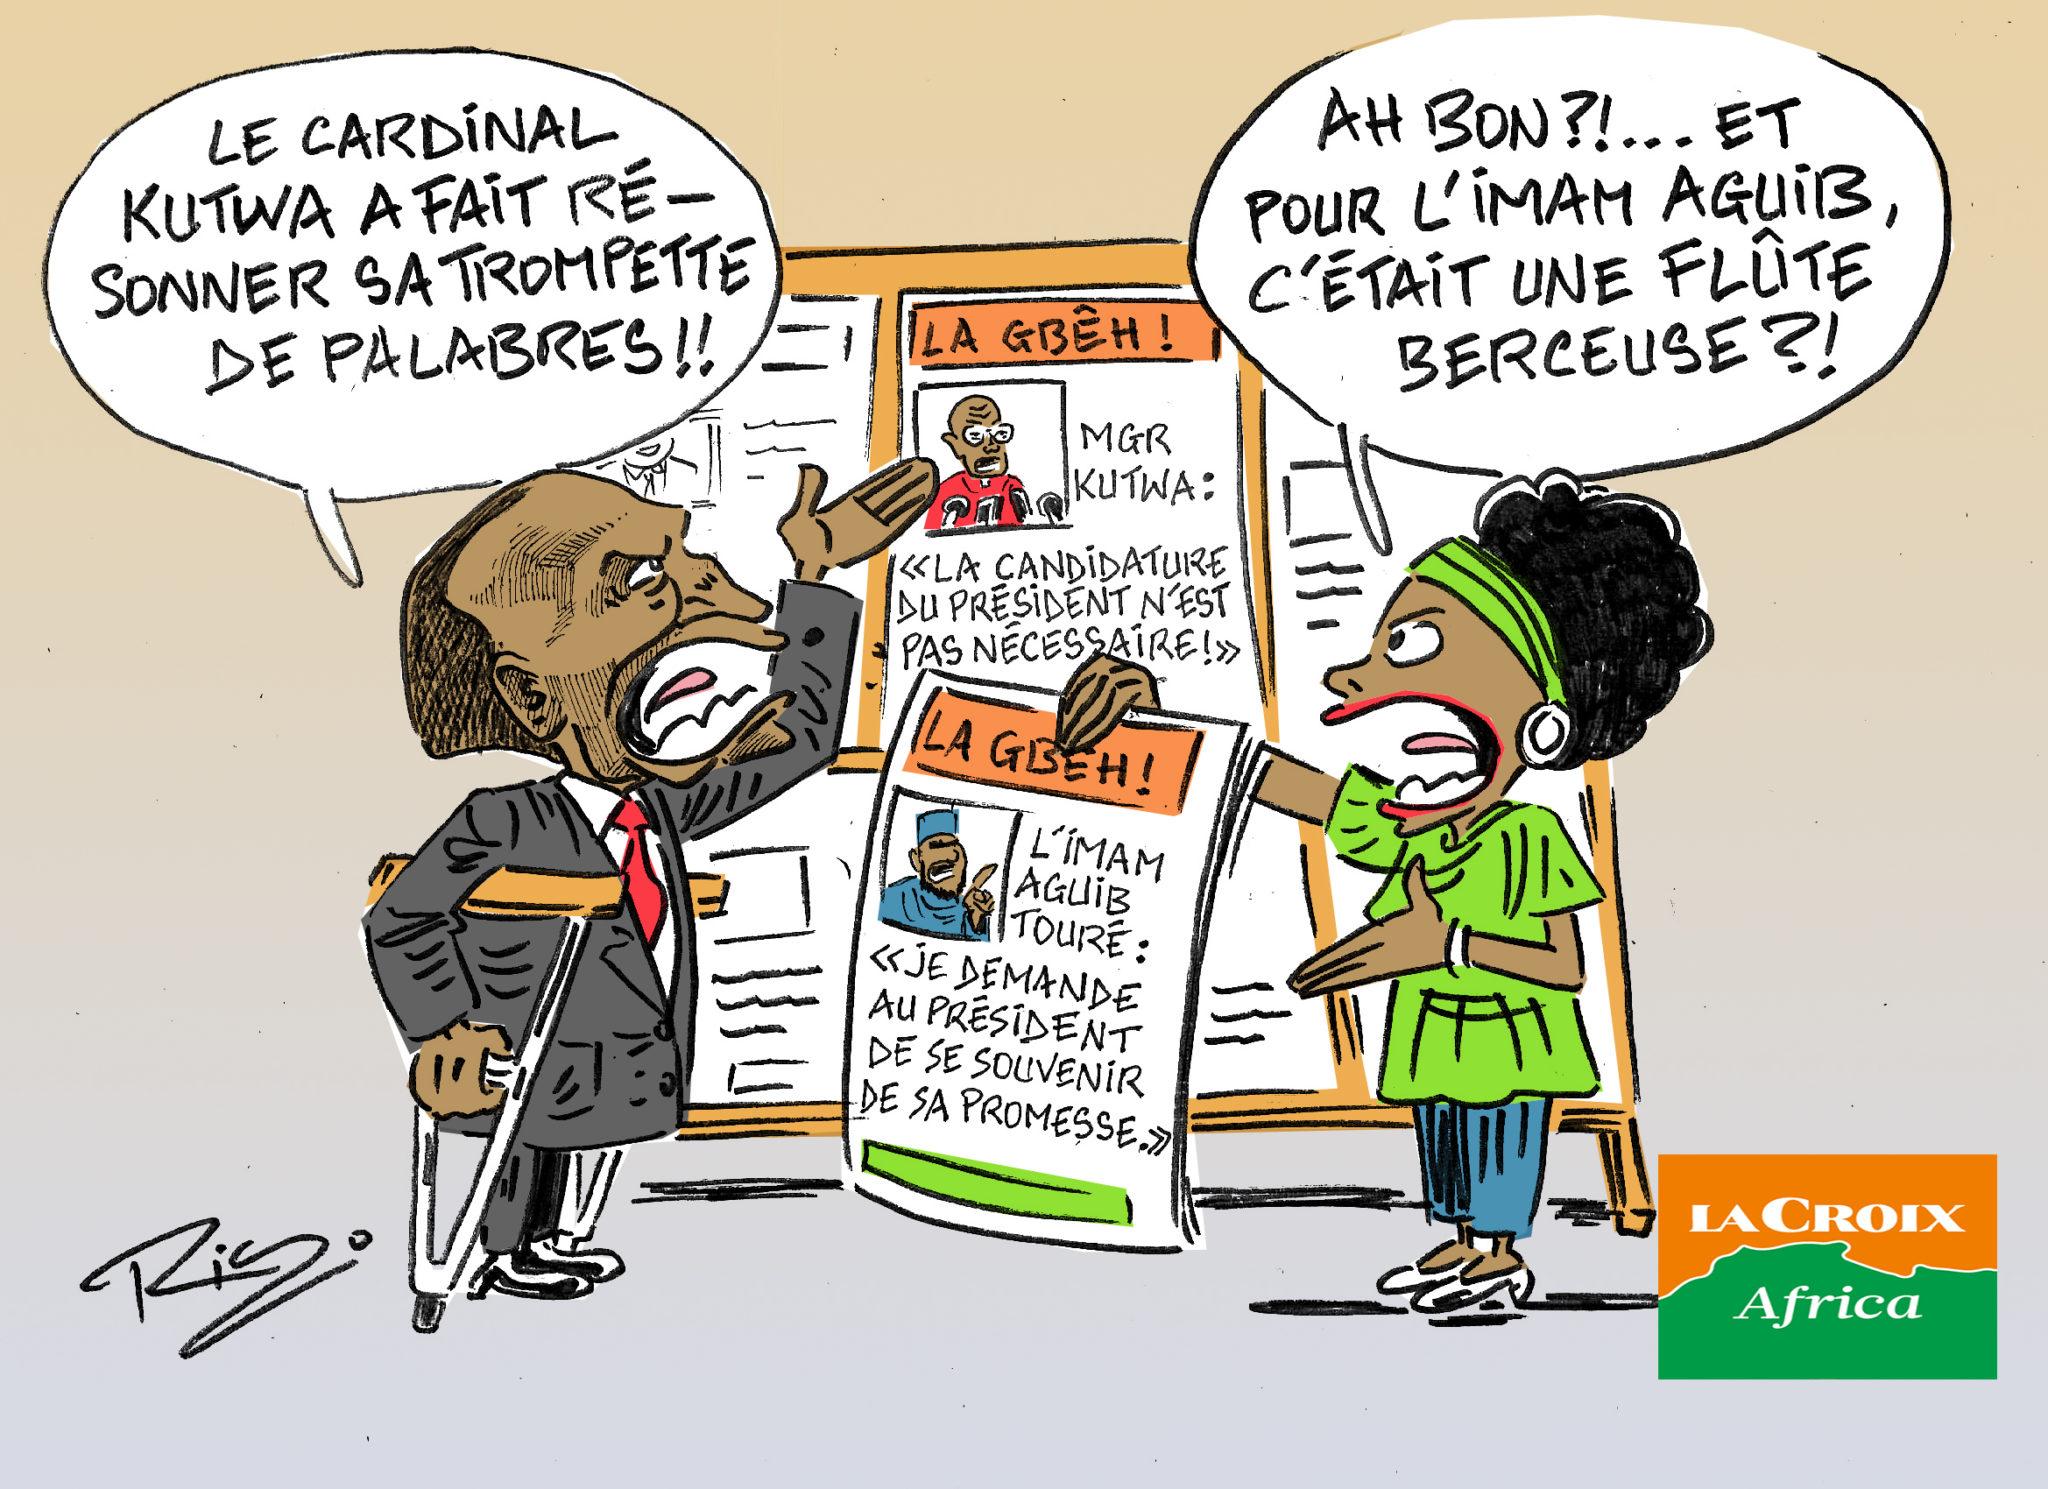 L'œil de Ric: En Côte d'Ivoire, les réactions après l'appel du cardinal Kutwa